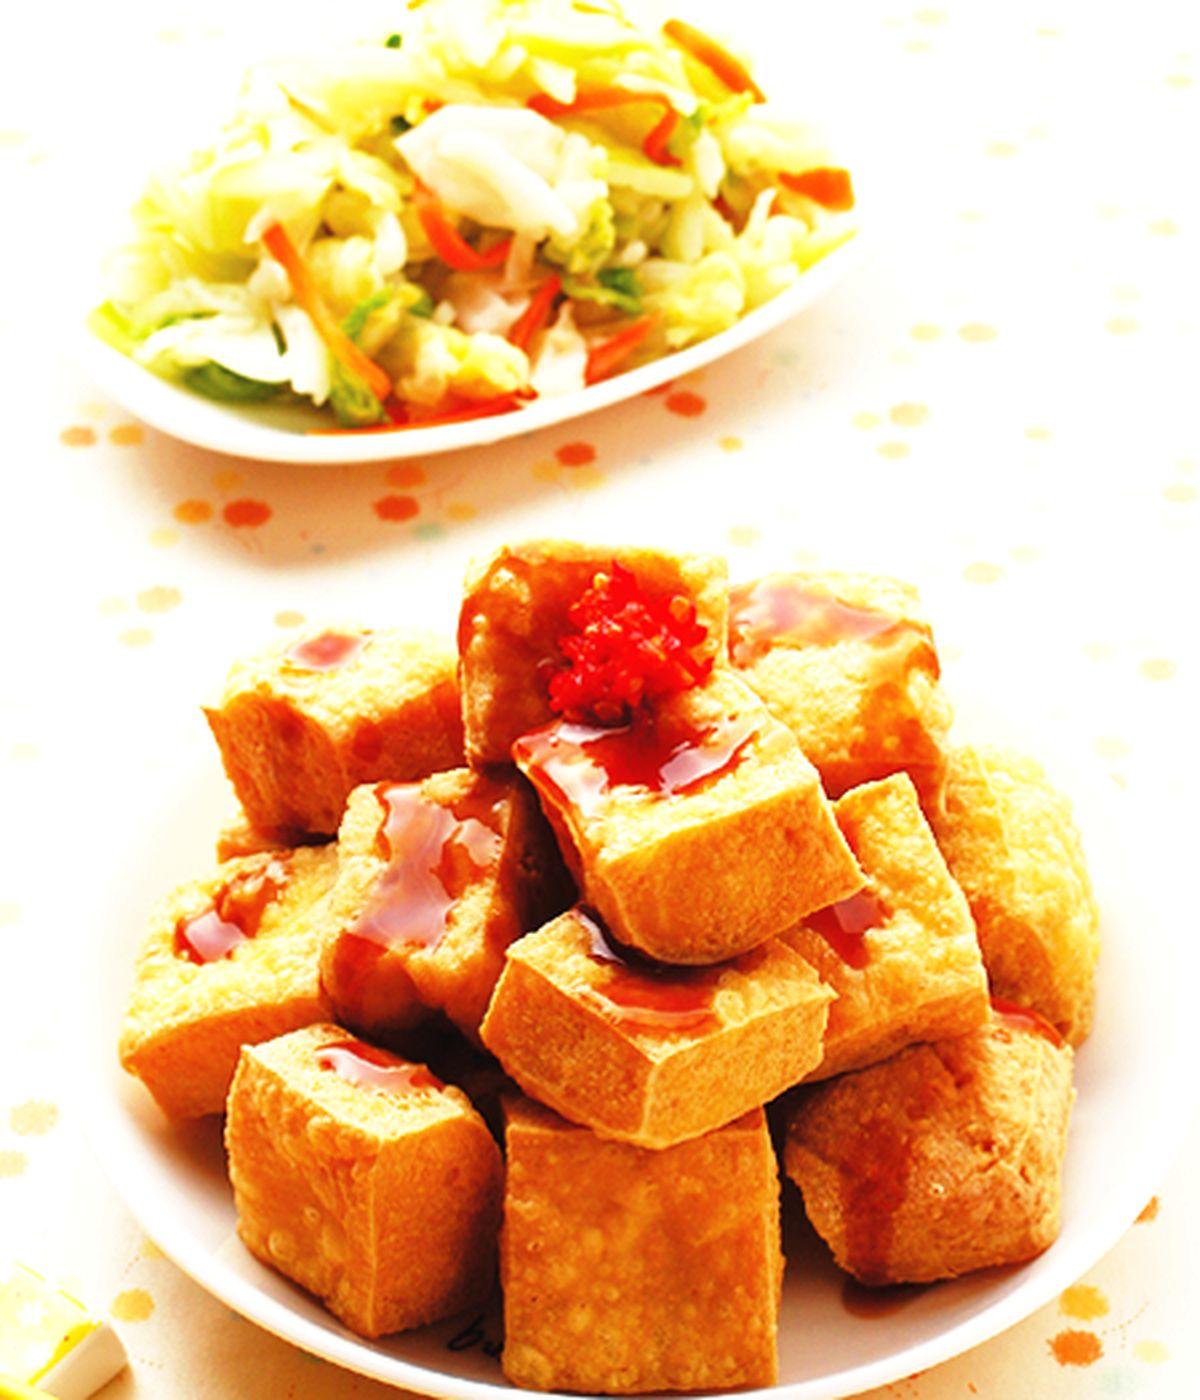 食譜:脆皮臭豆腐